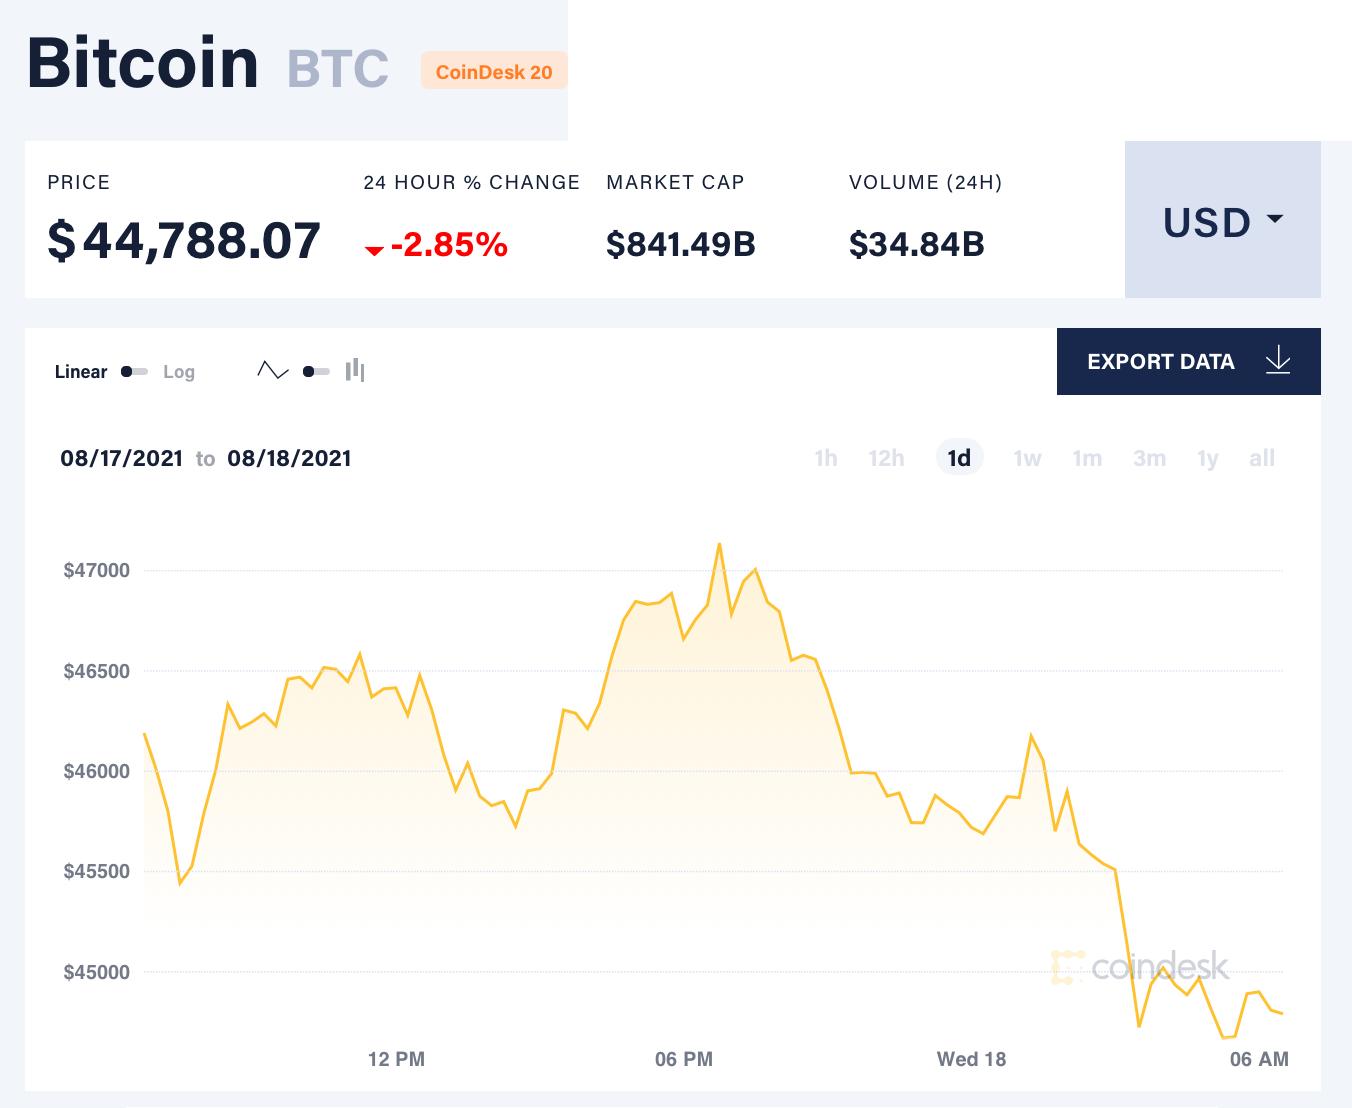 Chỉ số giá bitcoin hôm nay 18/8/2021. (Nguồn: CoinDesk).